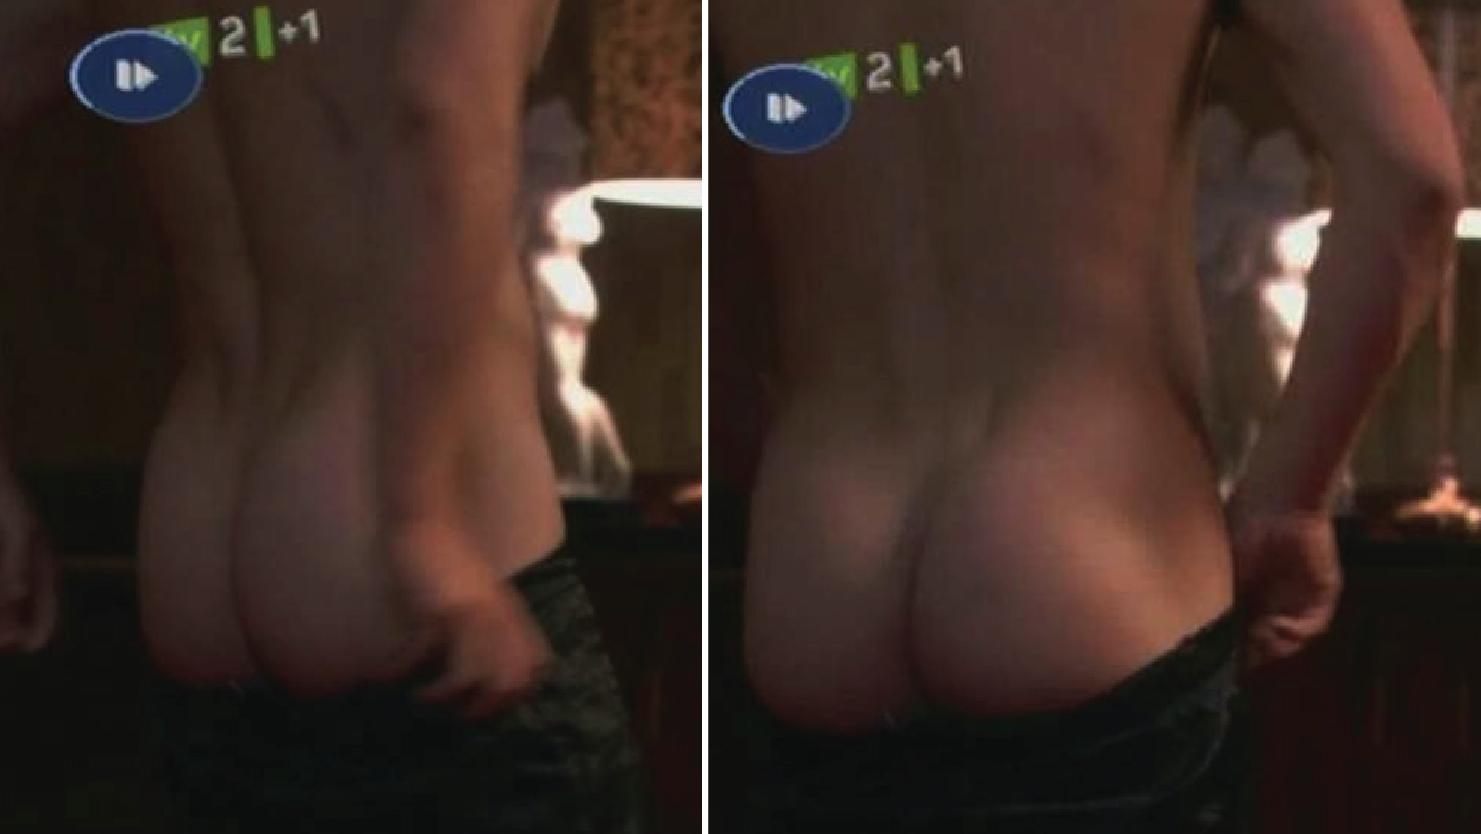 http://4.bp.blogspot.com/-LXn6ixH1G4s/UMtFIePs_9I/AAAAAAABrAc/cvgwA_jl40c/s1600/christian+cooke+naked+2.jpg